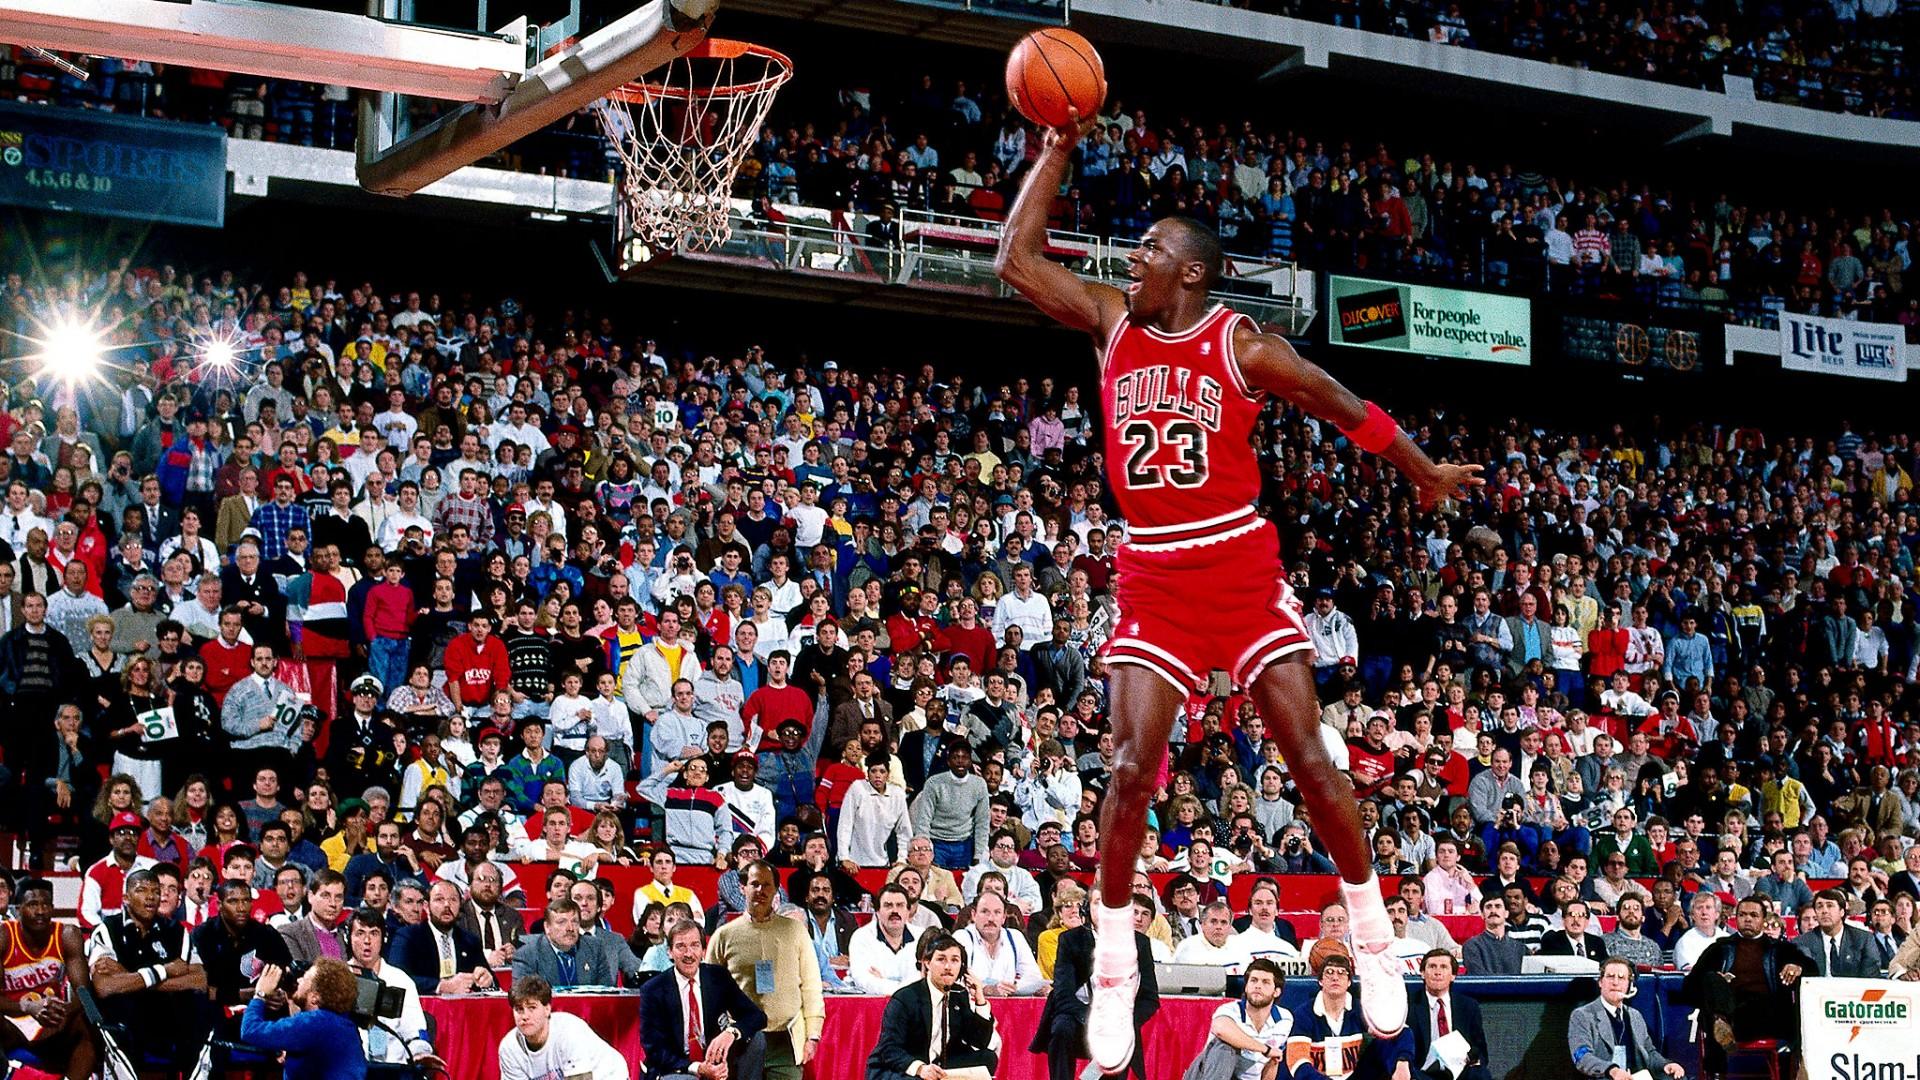 Michael Jordan full hd wallpapers 20 1920x1080 (1080p) - Wallpaper